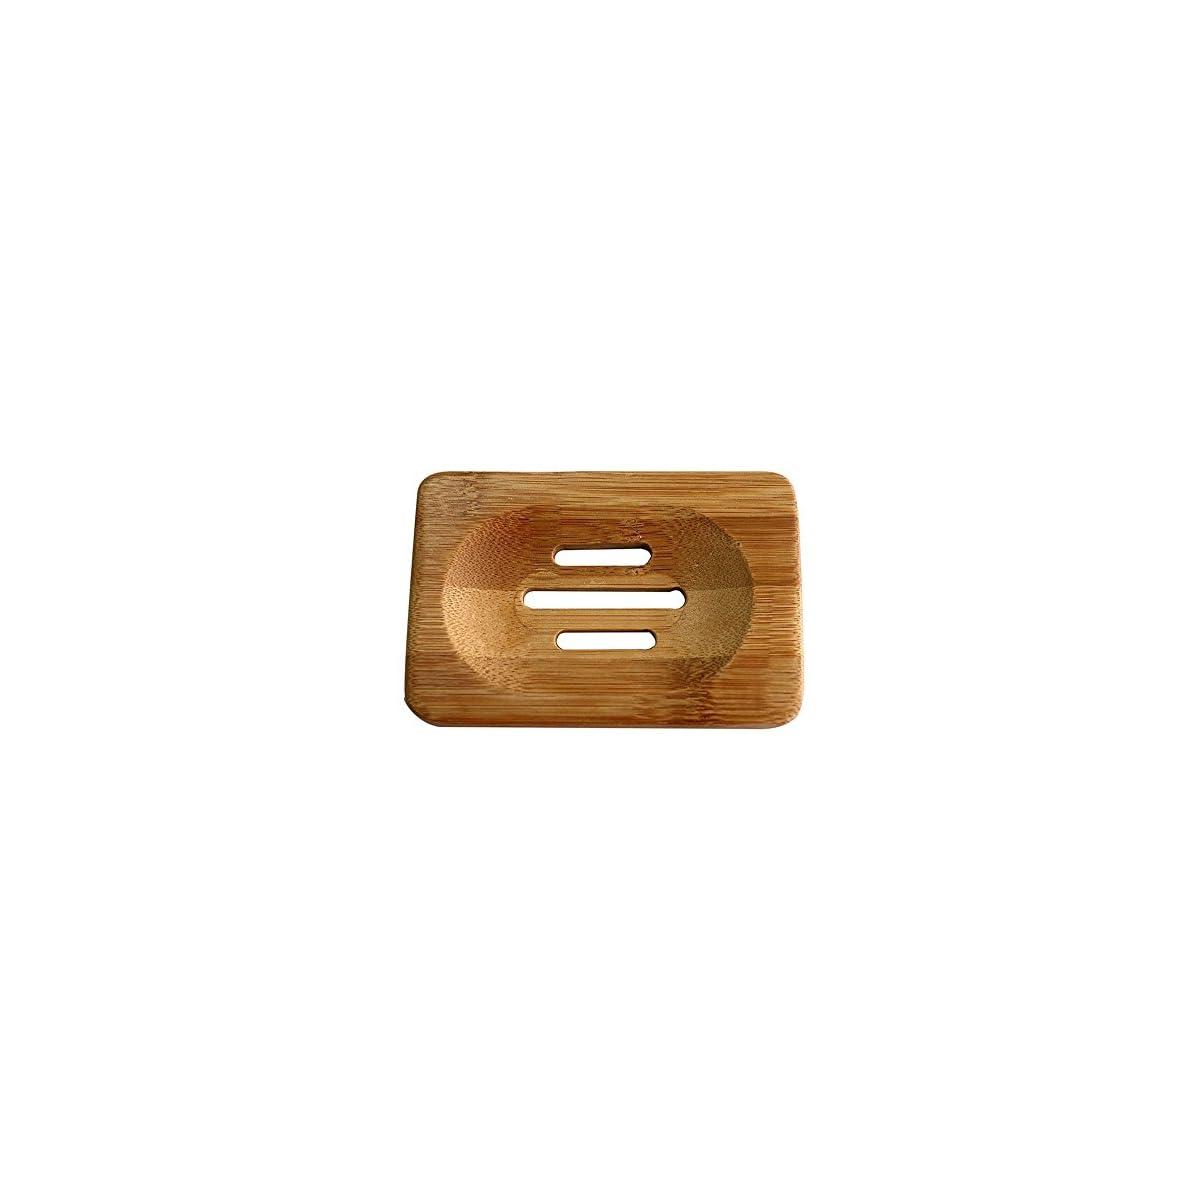 514SFBMhX0L. SS1200  - Laat jabonera de madera bambú jabón Soap caja 1pc